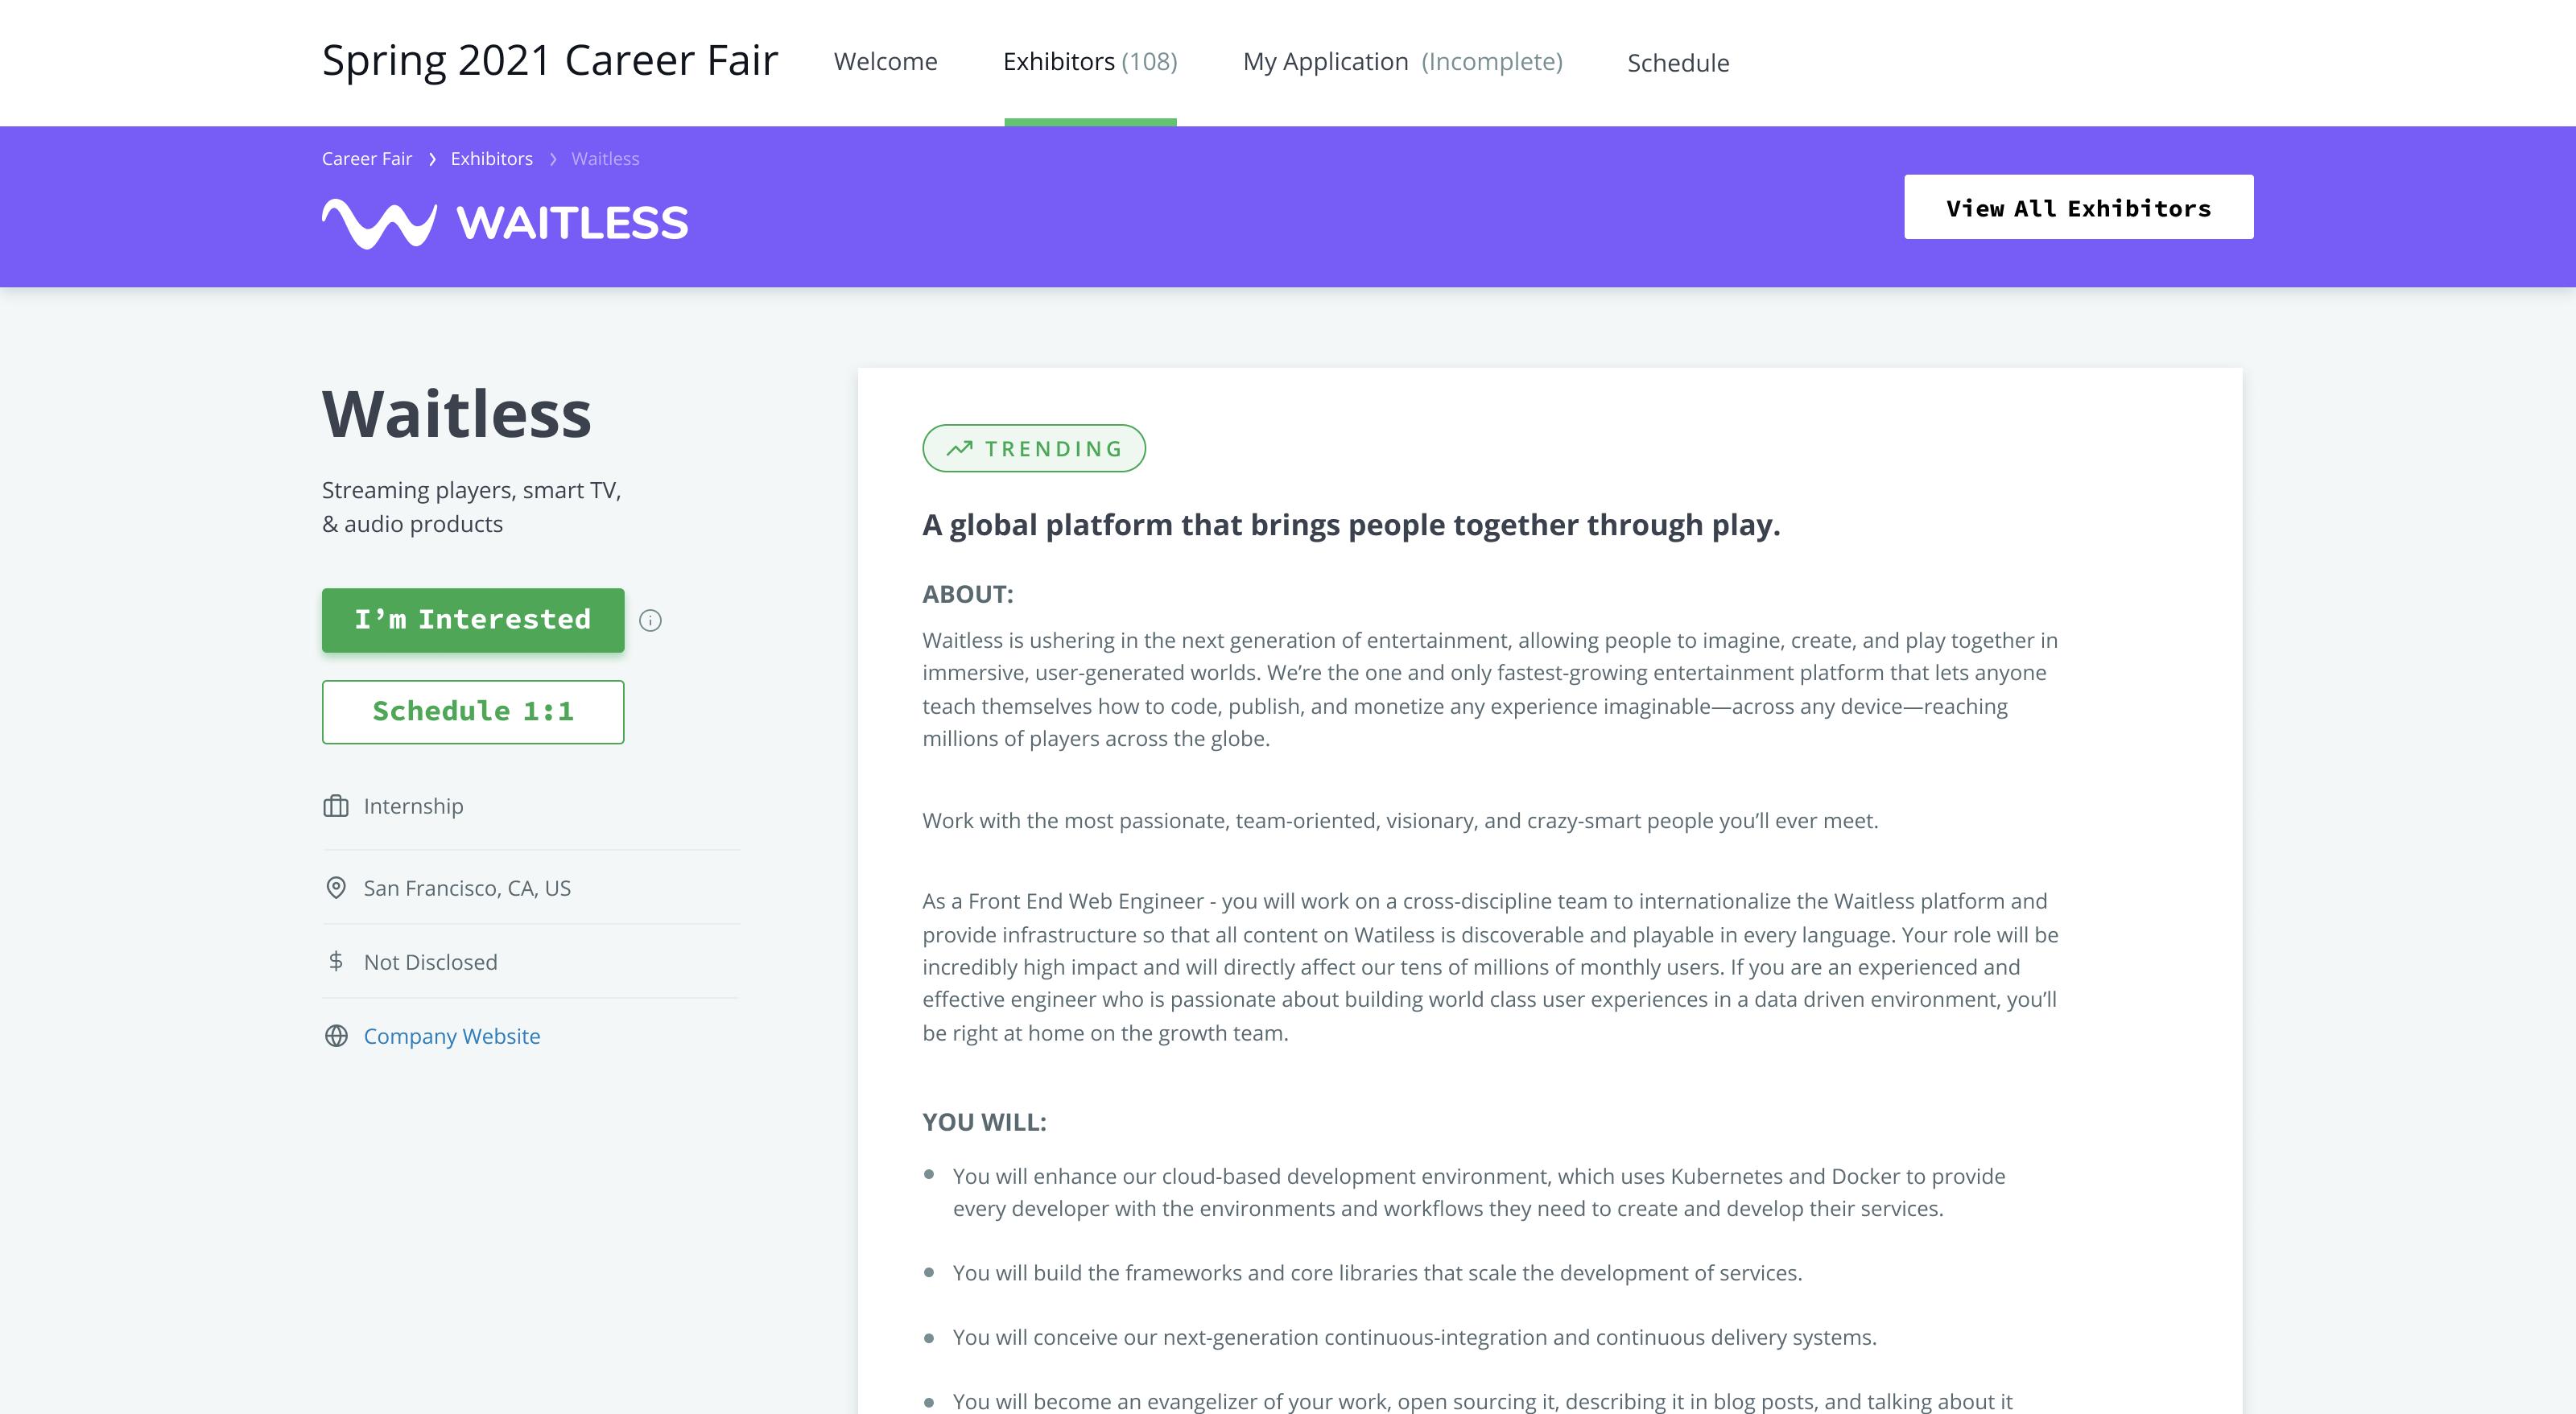 HackerRank Virtual Career Fair